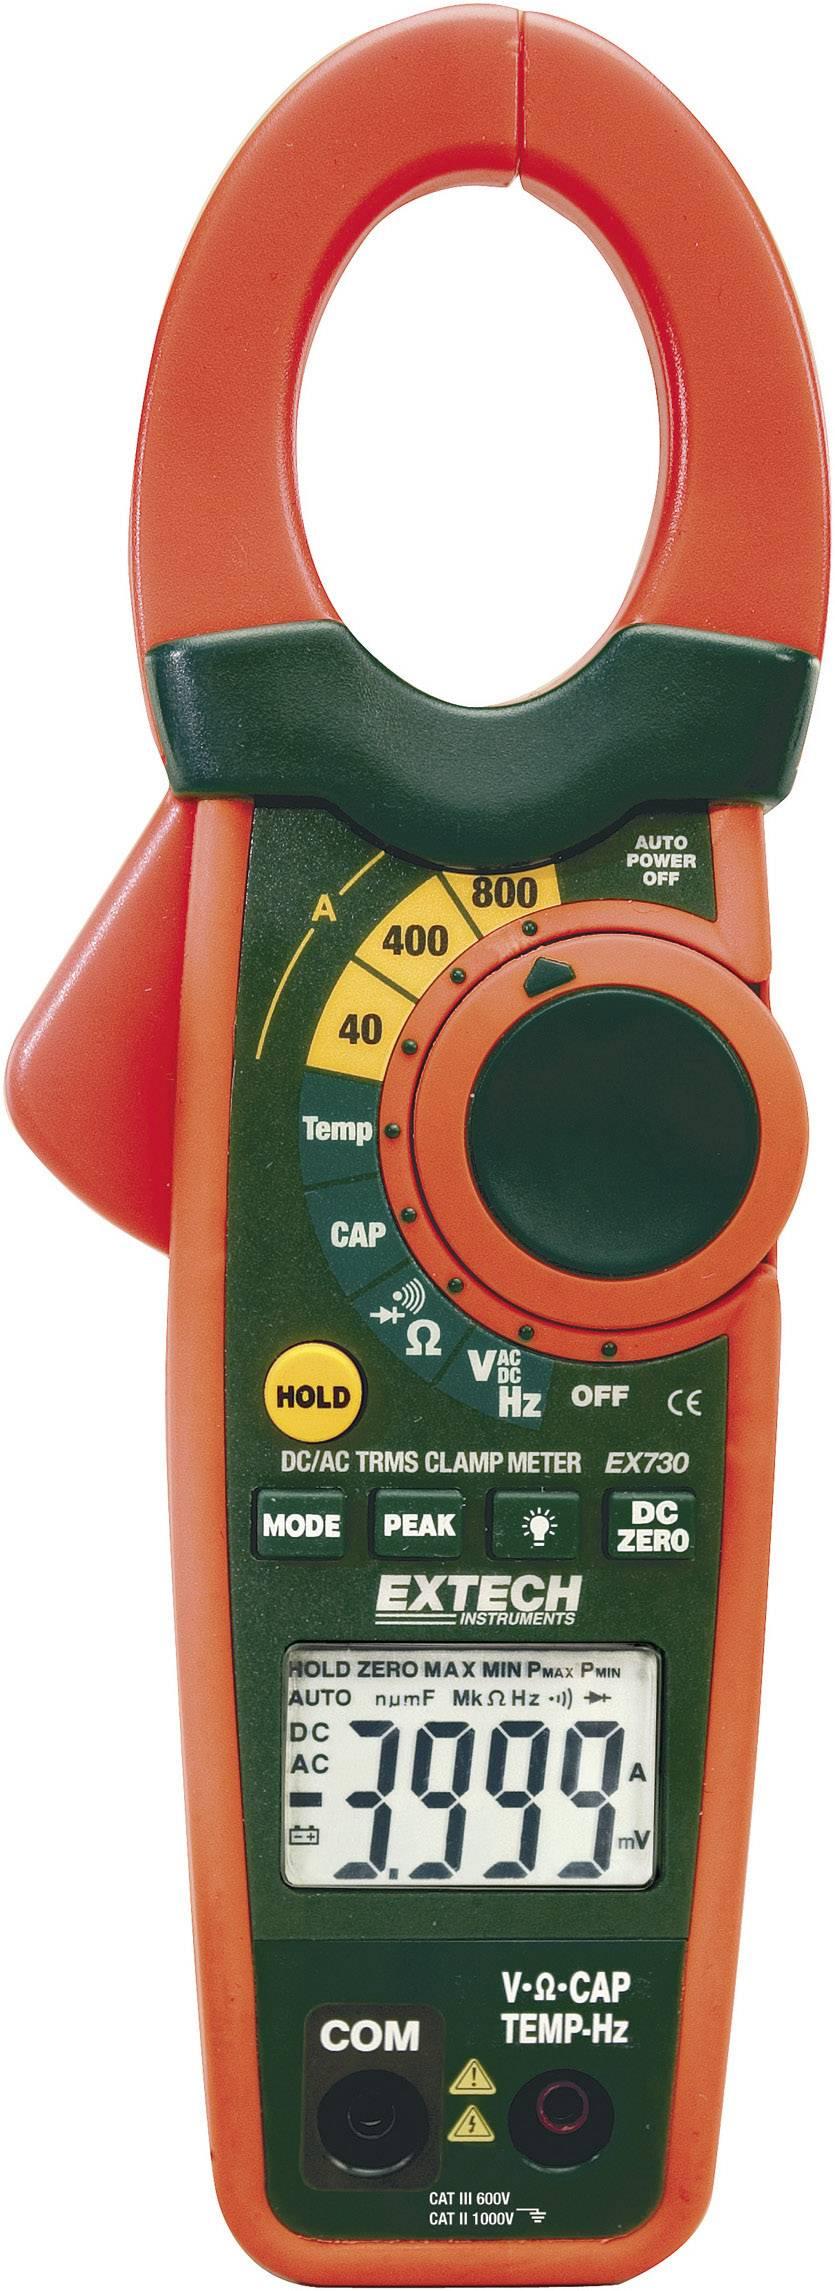 Digitálne/y prúdové kliešte, ručný multimeter Extech EX730